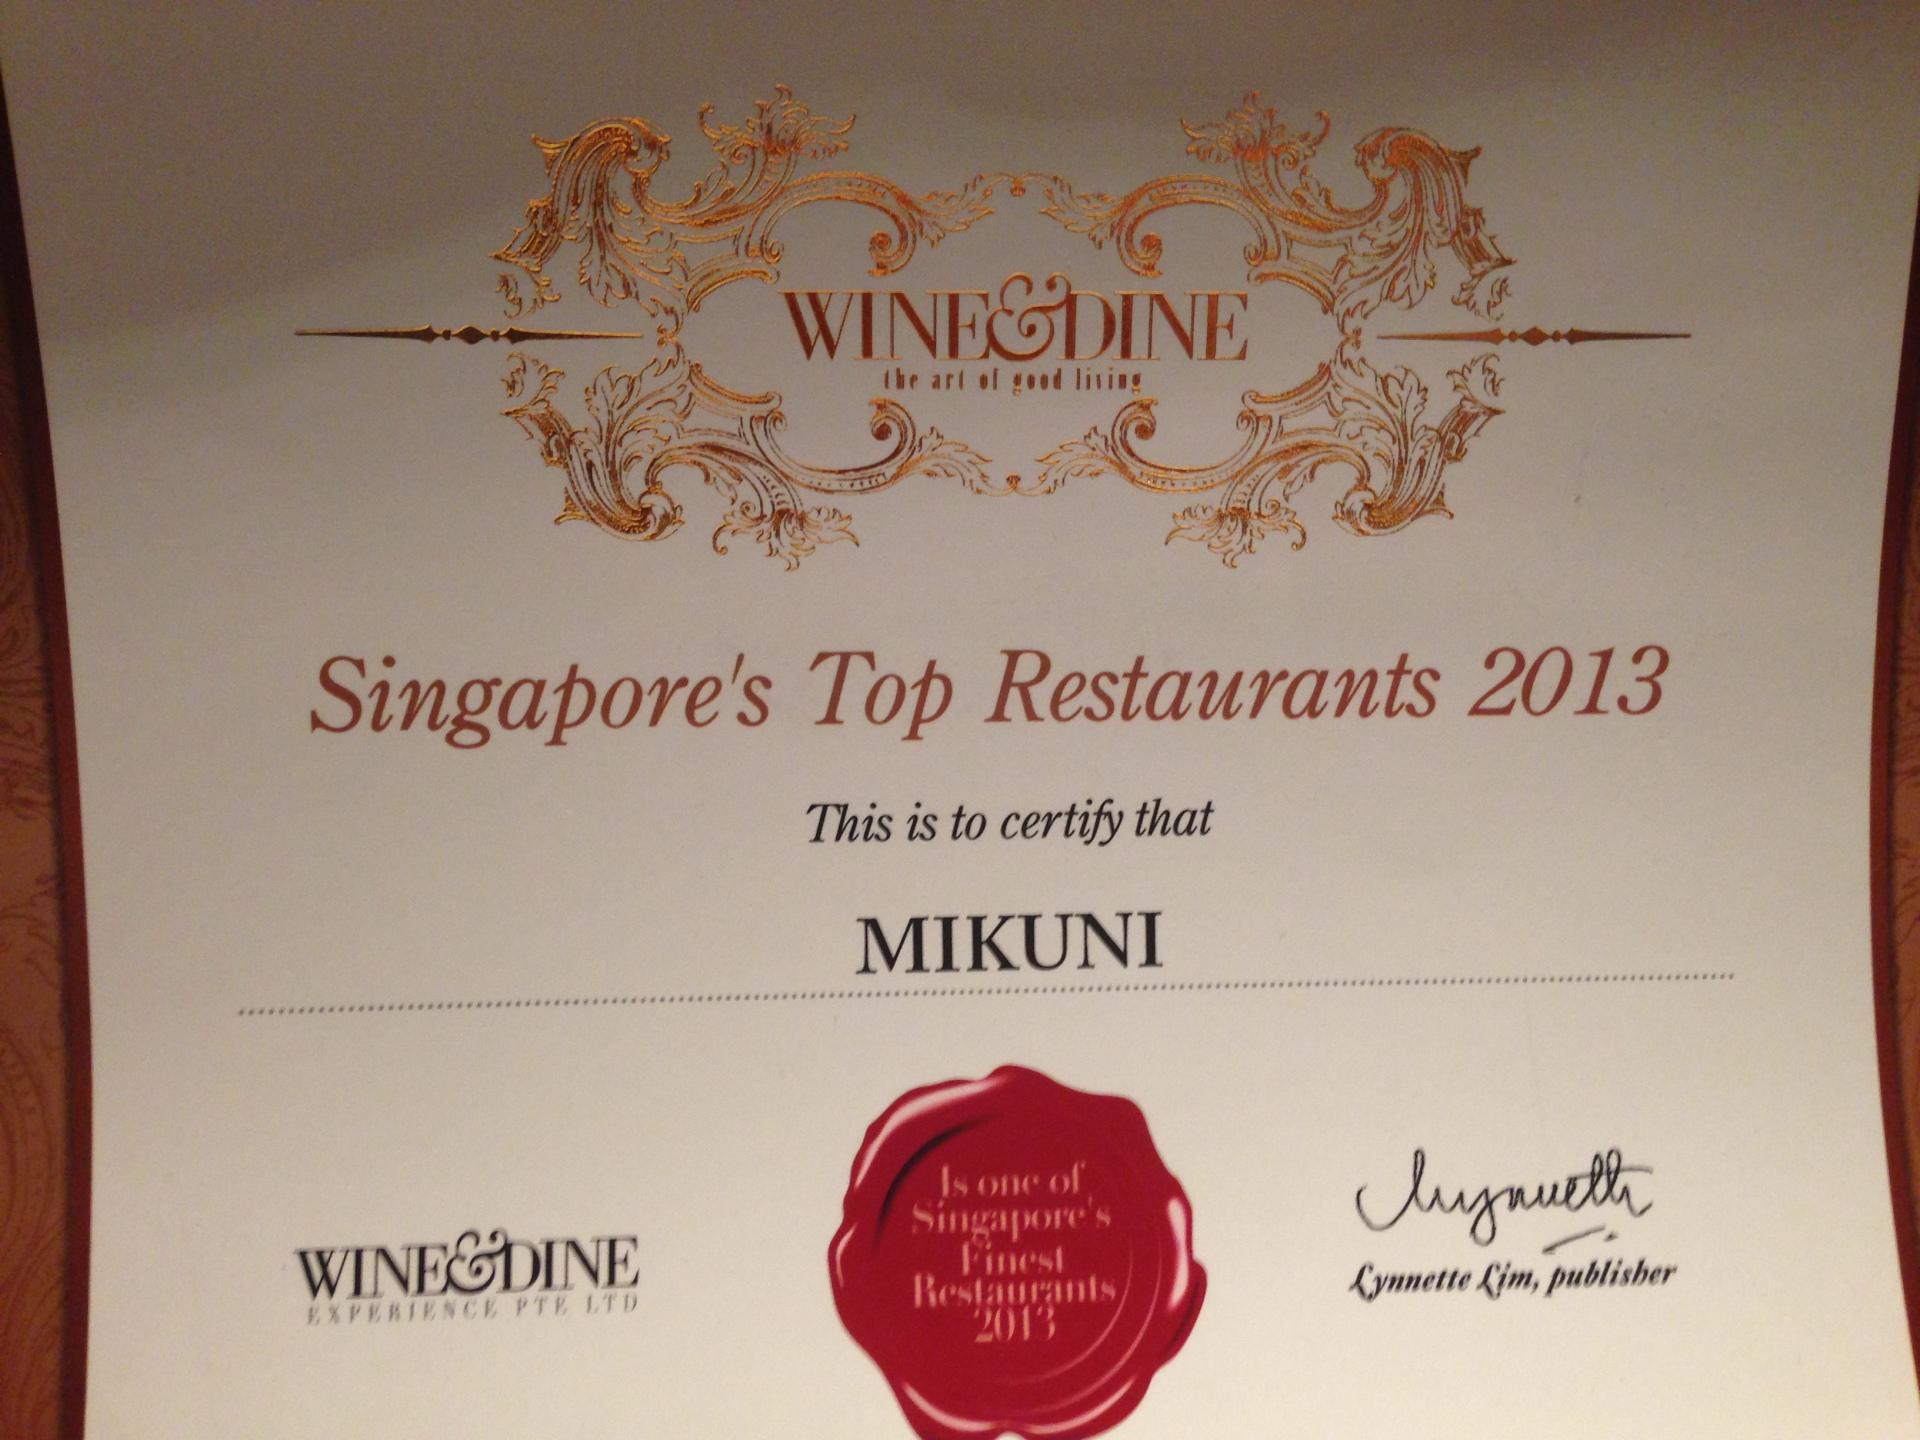 Singapore Top Restaurant 2013